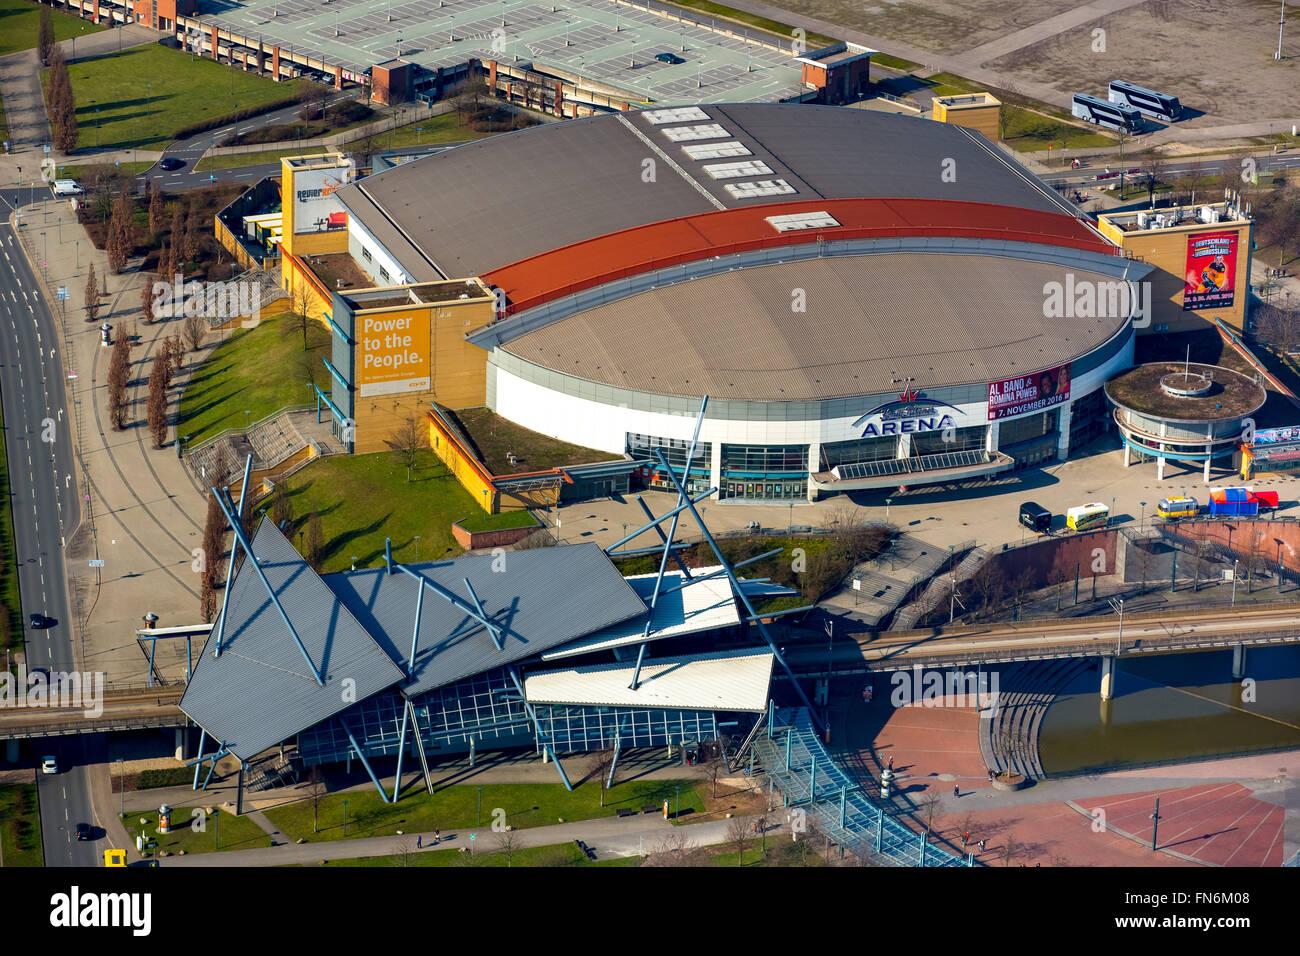 Veranstaltungshalle Stockfotos & Veranstaltungshalle Bilder